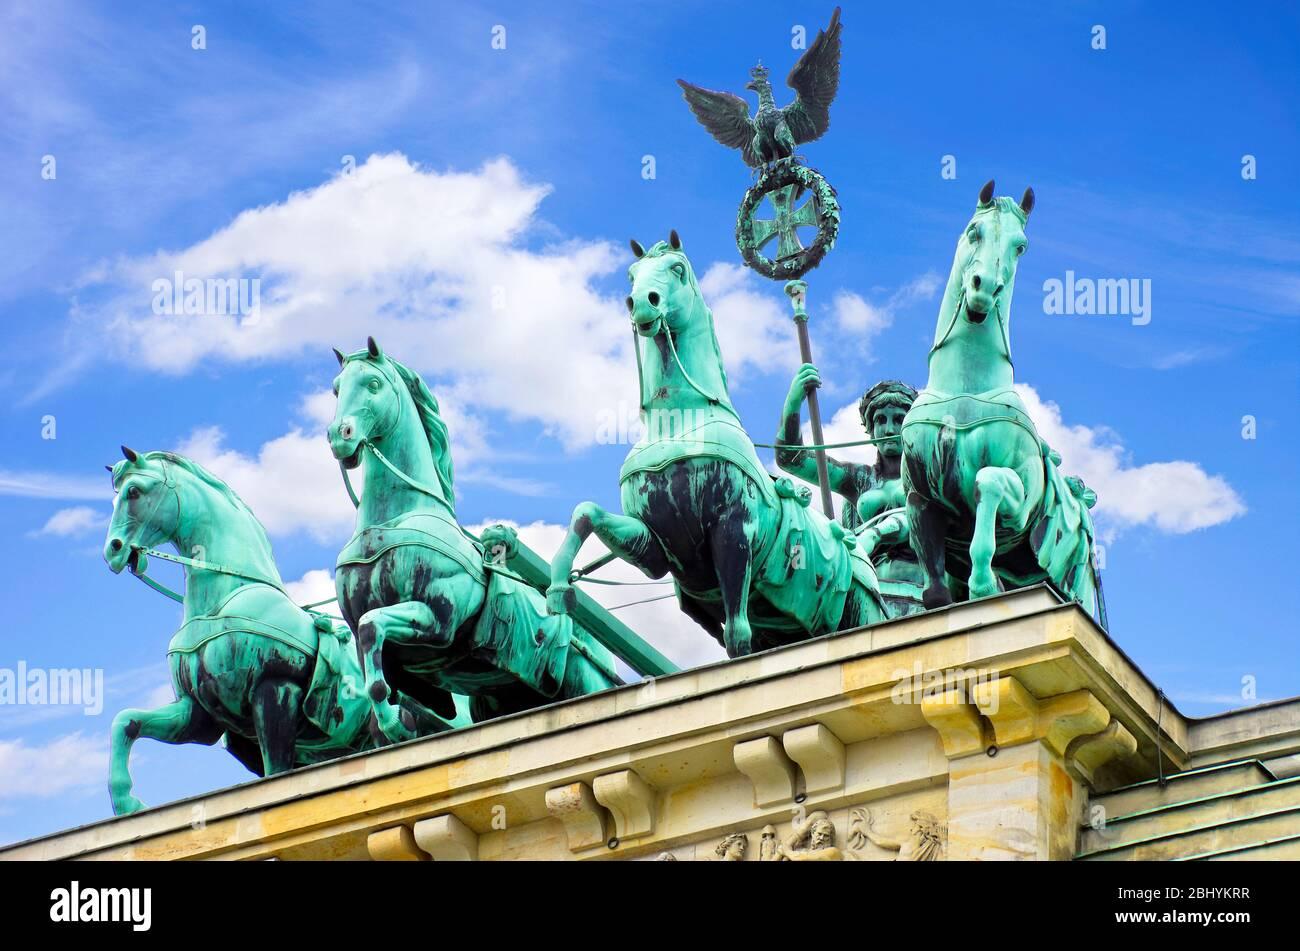 Berlin, Brandenburger Tor, Römische Quadriga mit der Germania. Berlin, Deutschland, Germania und römische Quadriga am Brandenburger Tor. Stockfoto